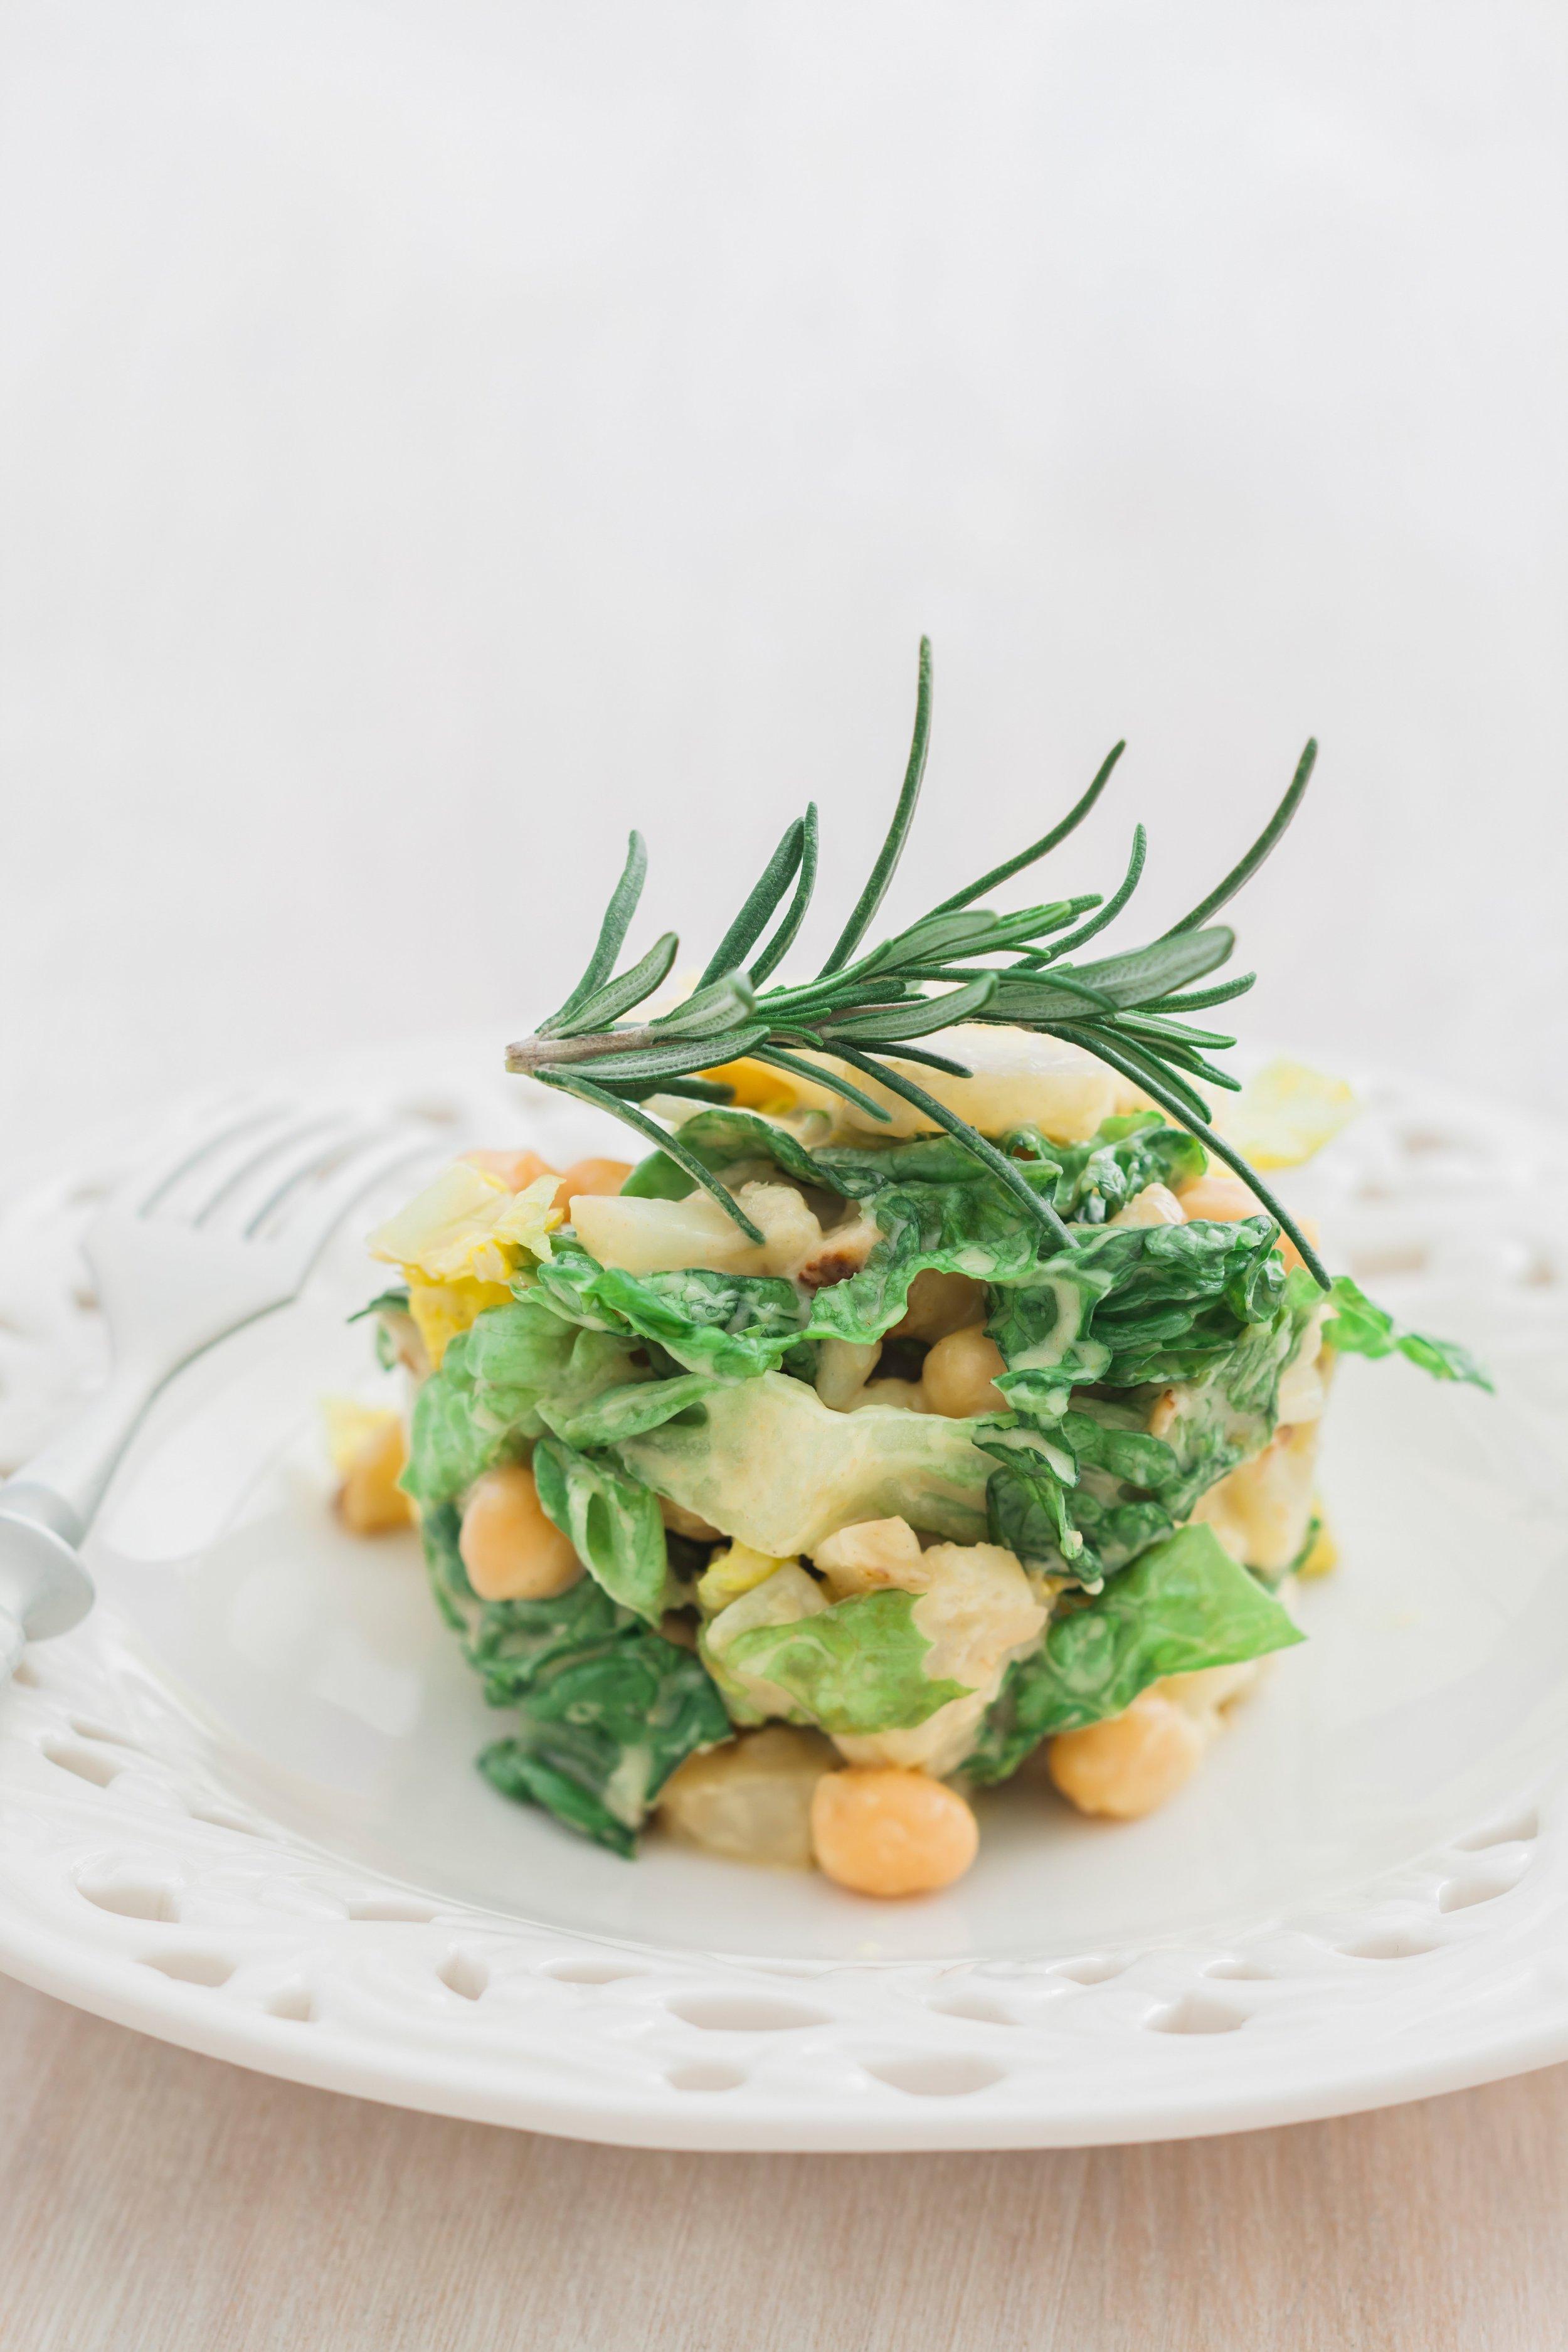 Little appetizer salad